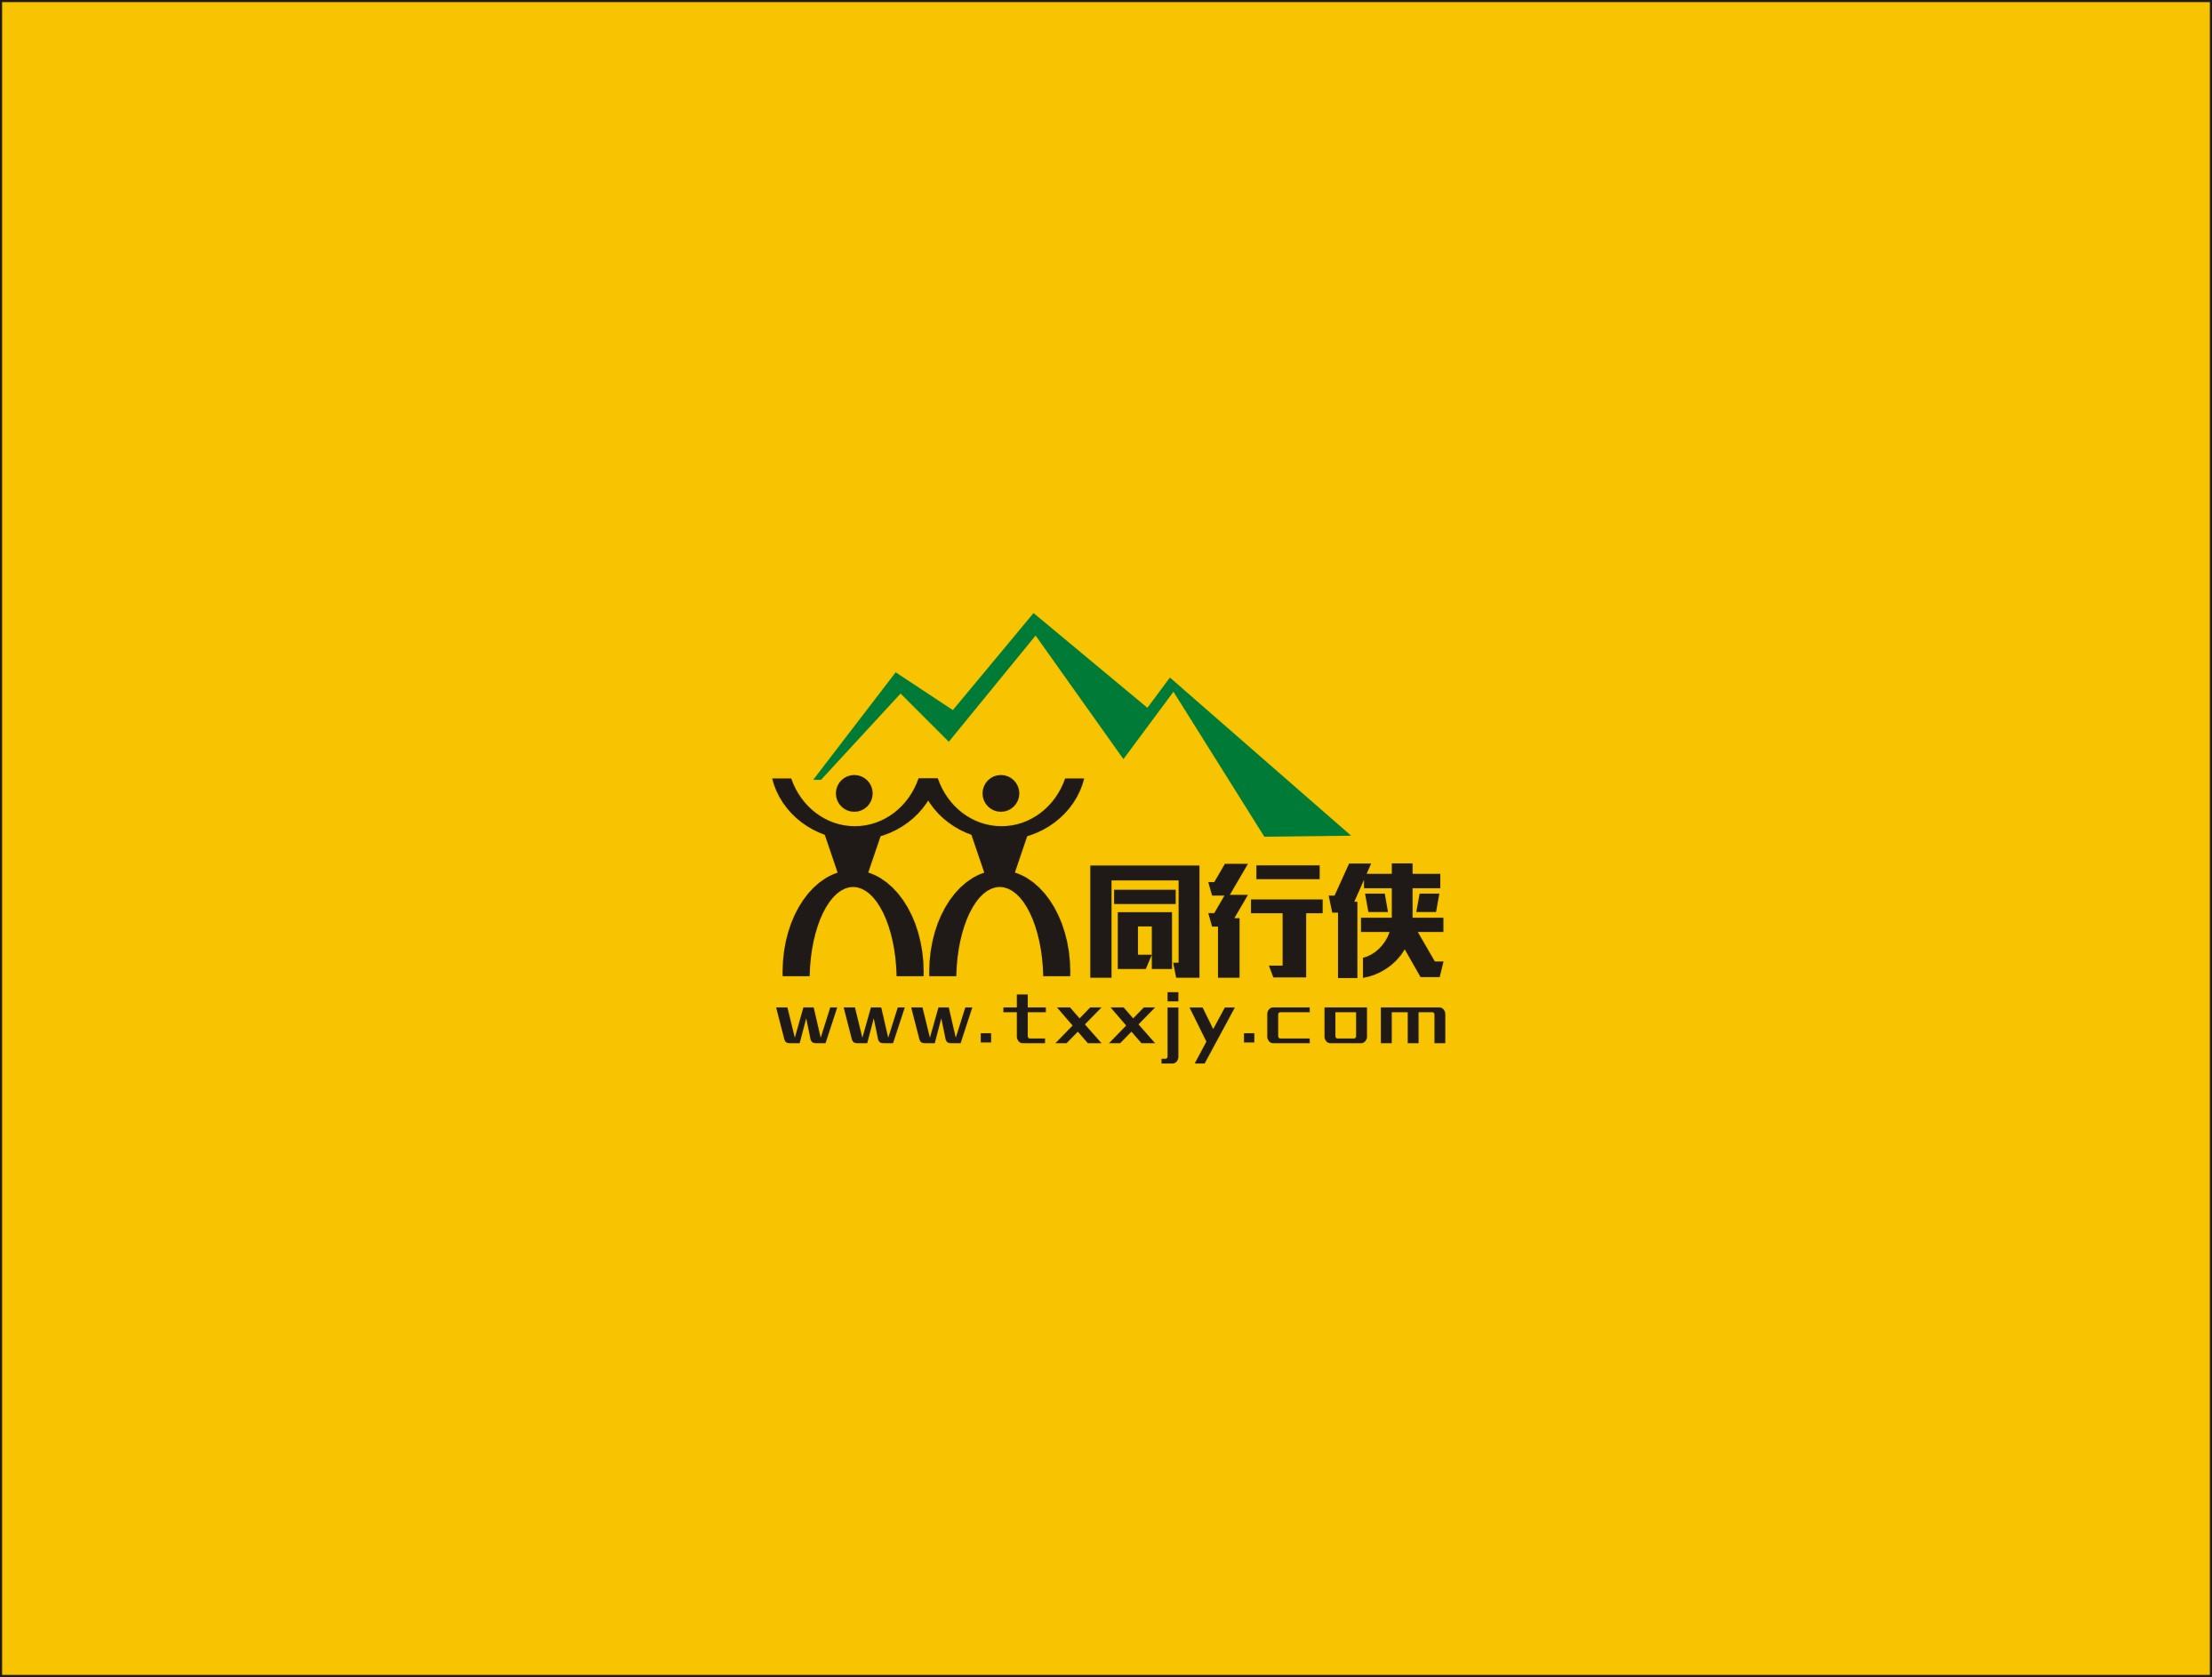 福州同行侠教育咨询有限公司_2967612_k68威客网